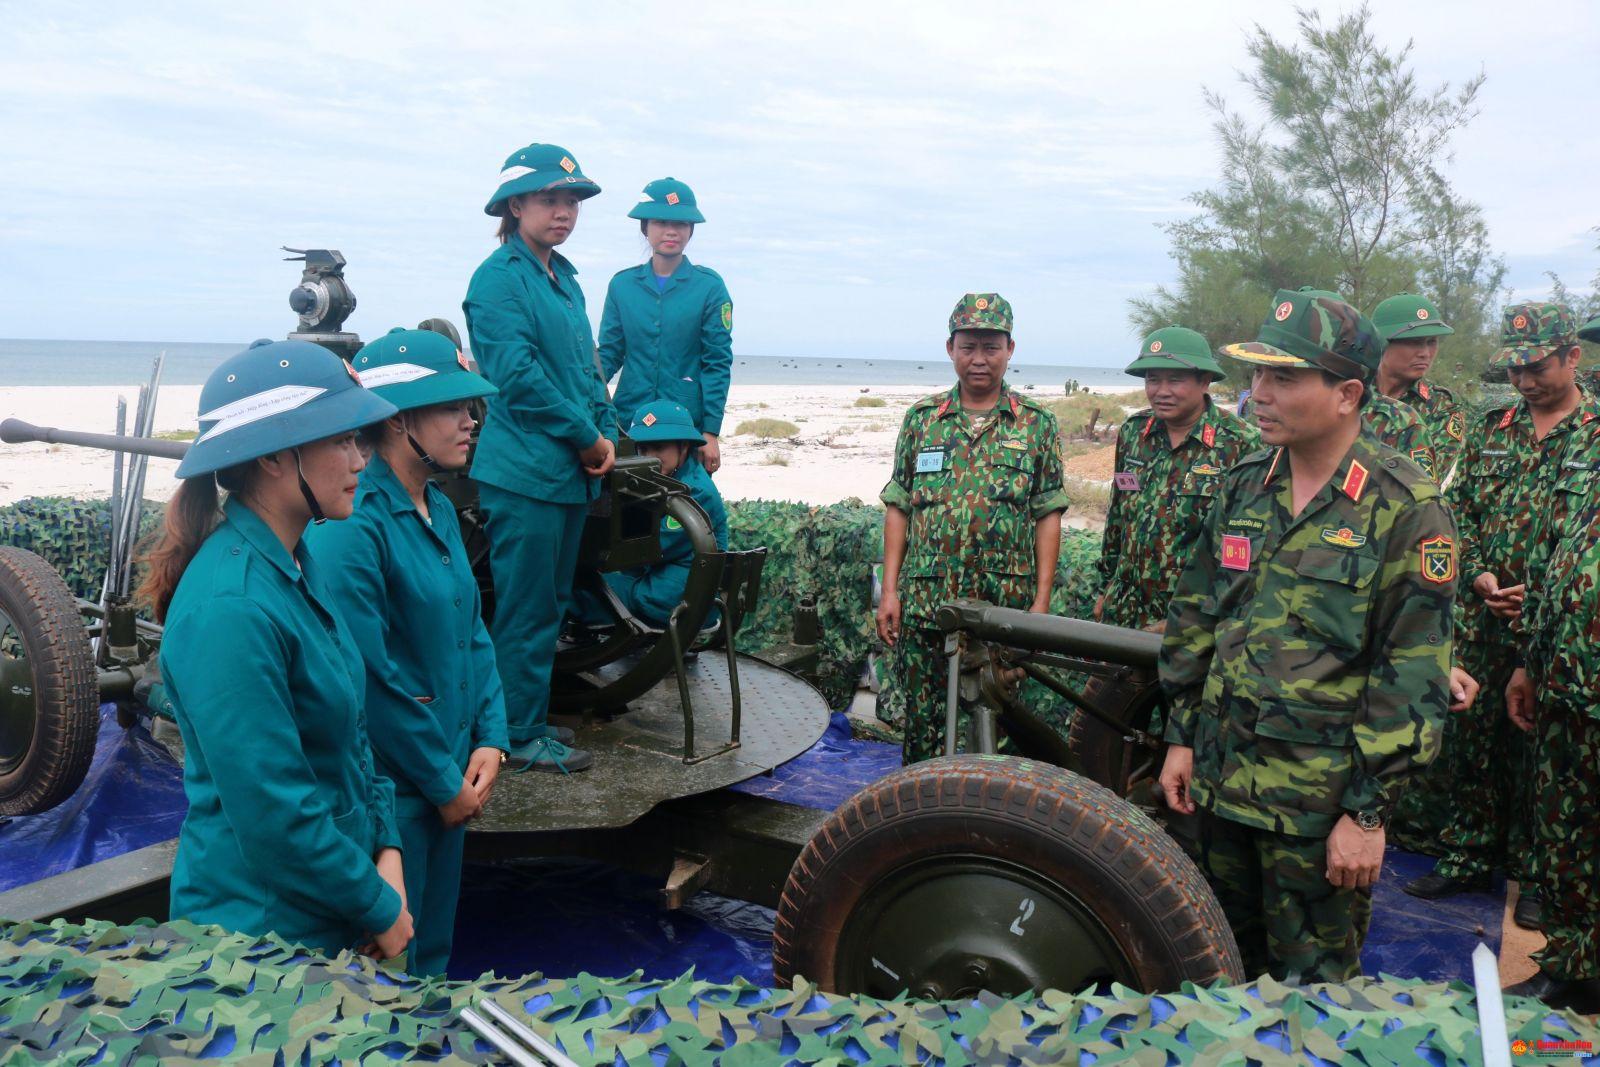 Tư Lệnh Quan Khu 4 động Vien Cac Lực Lượng Tham Gia Thực Binh Diễn Tập Kvpt Tỉnh Quảng Binh Dan Quan Tự Vệ Việt Nam Online